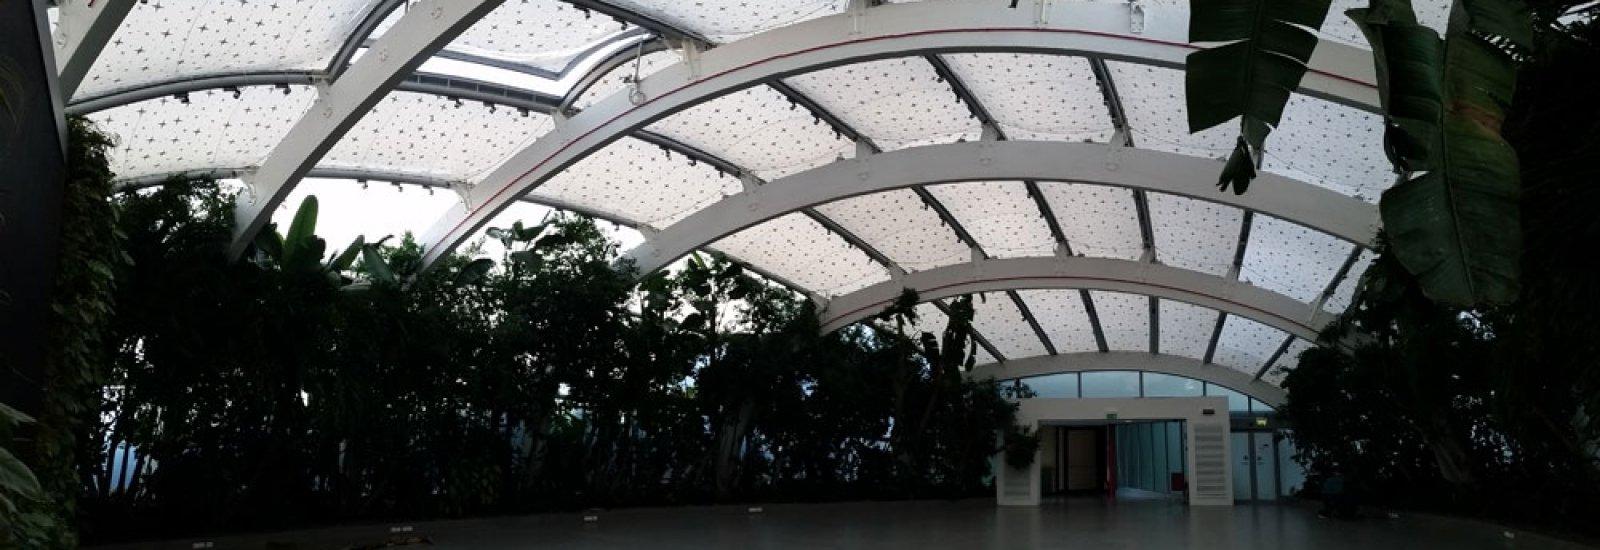 Copertura a cuscini in ETFE.